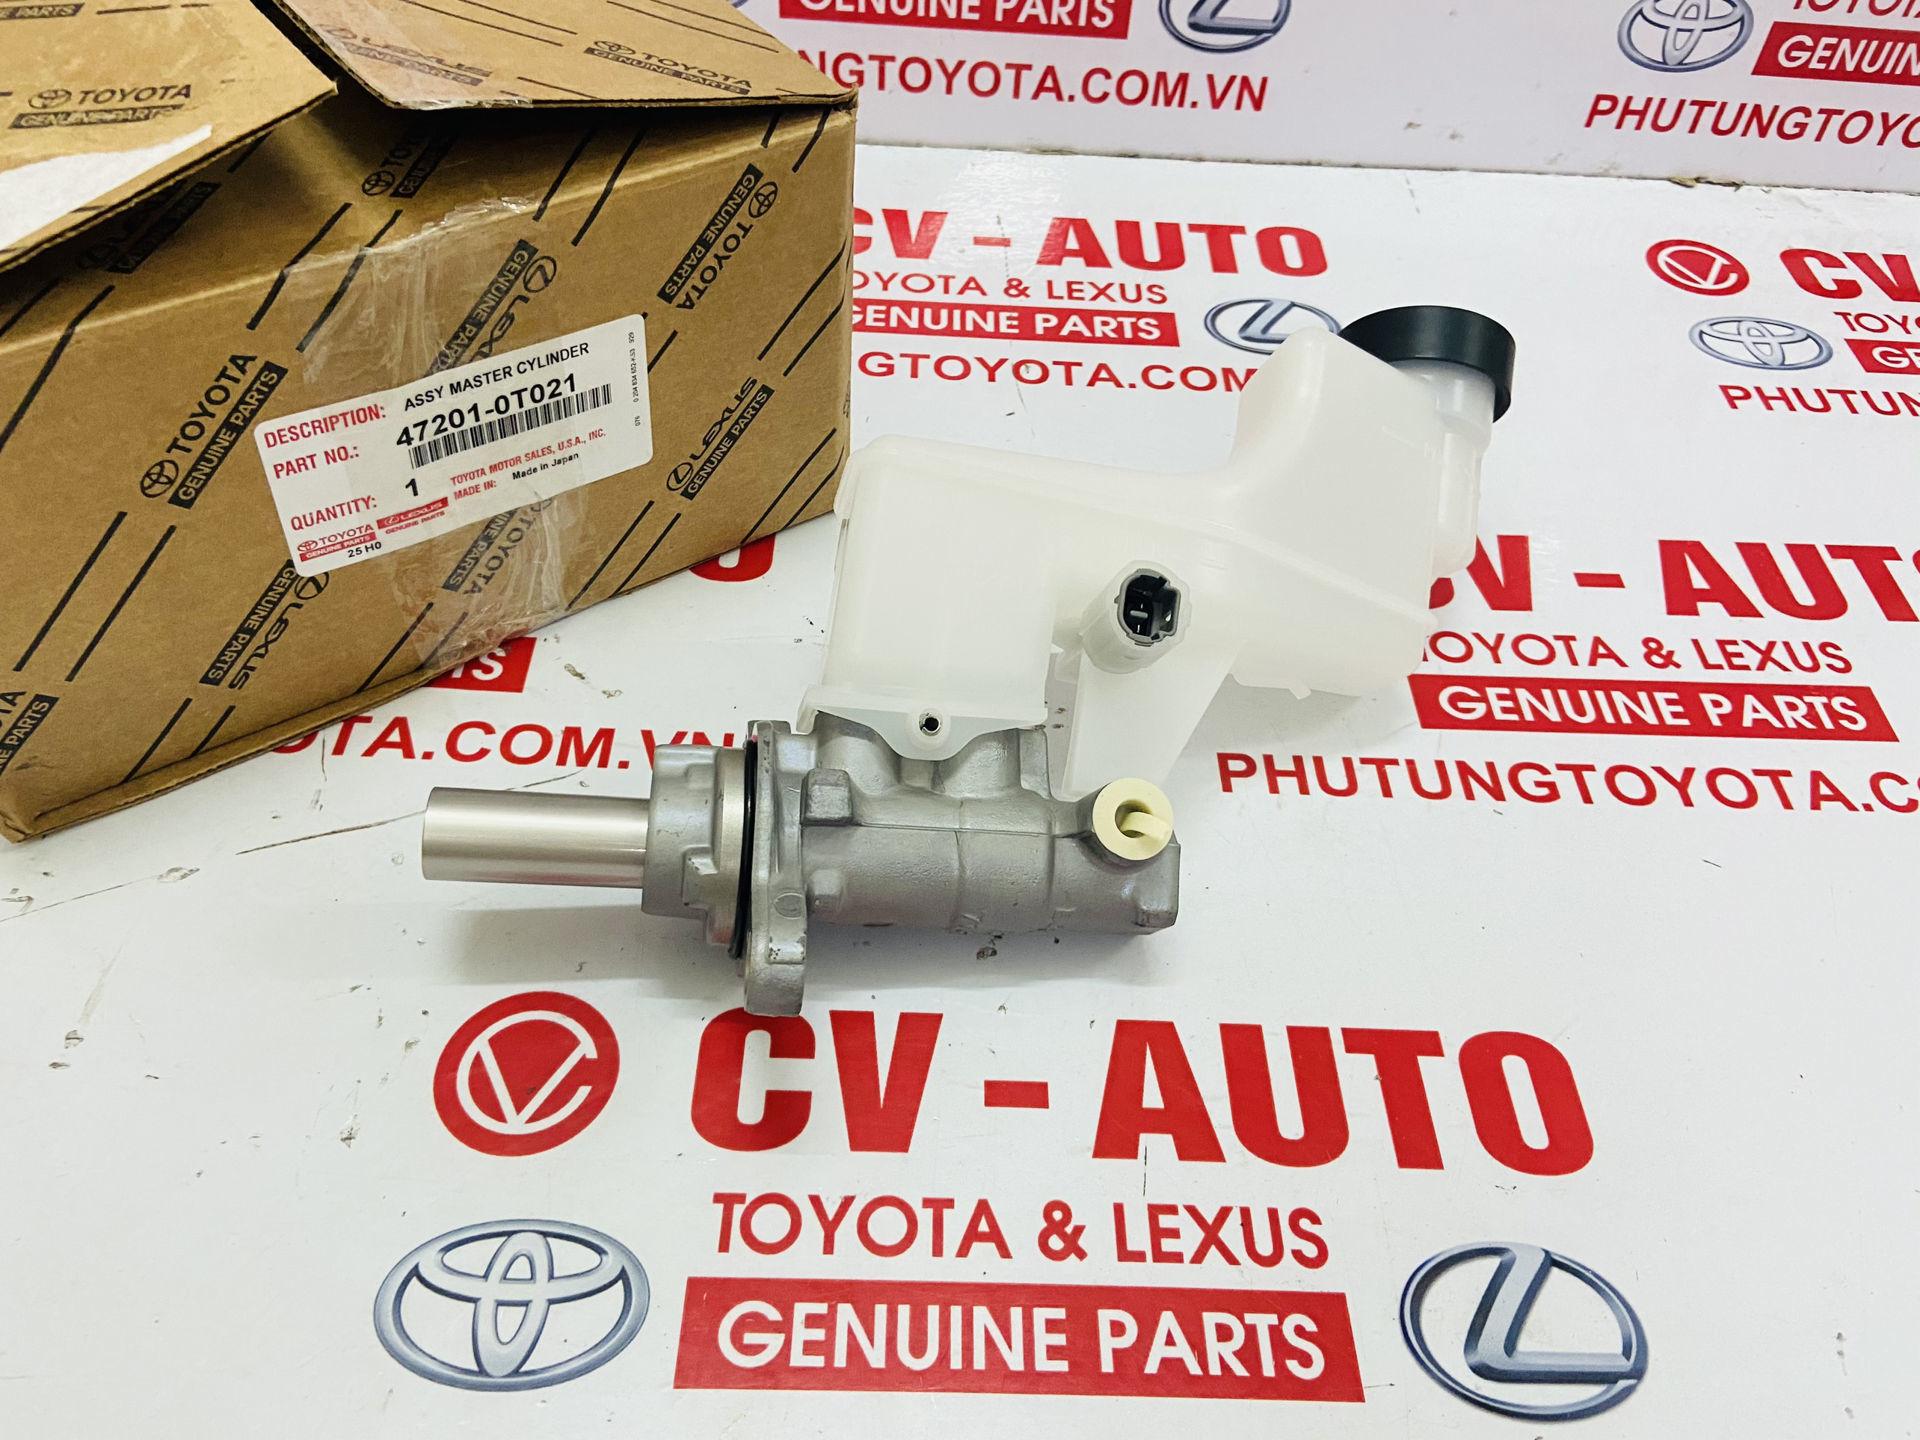 Picture of 47201-0T021, 472010T021 Tổng phanh Toyota Venza chính hãng